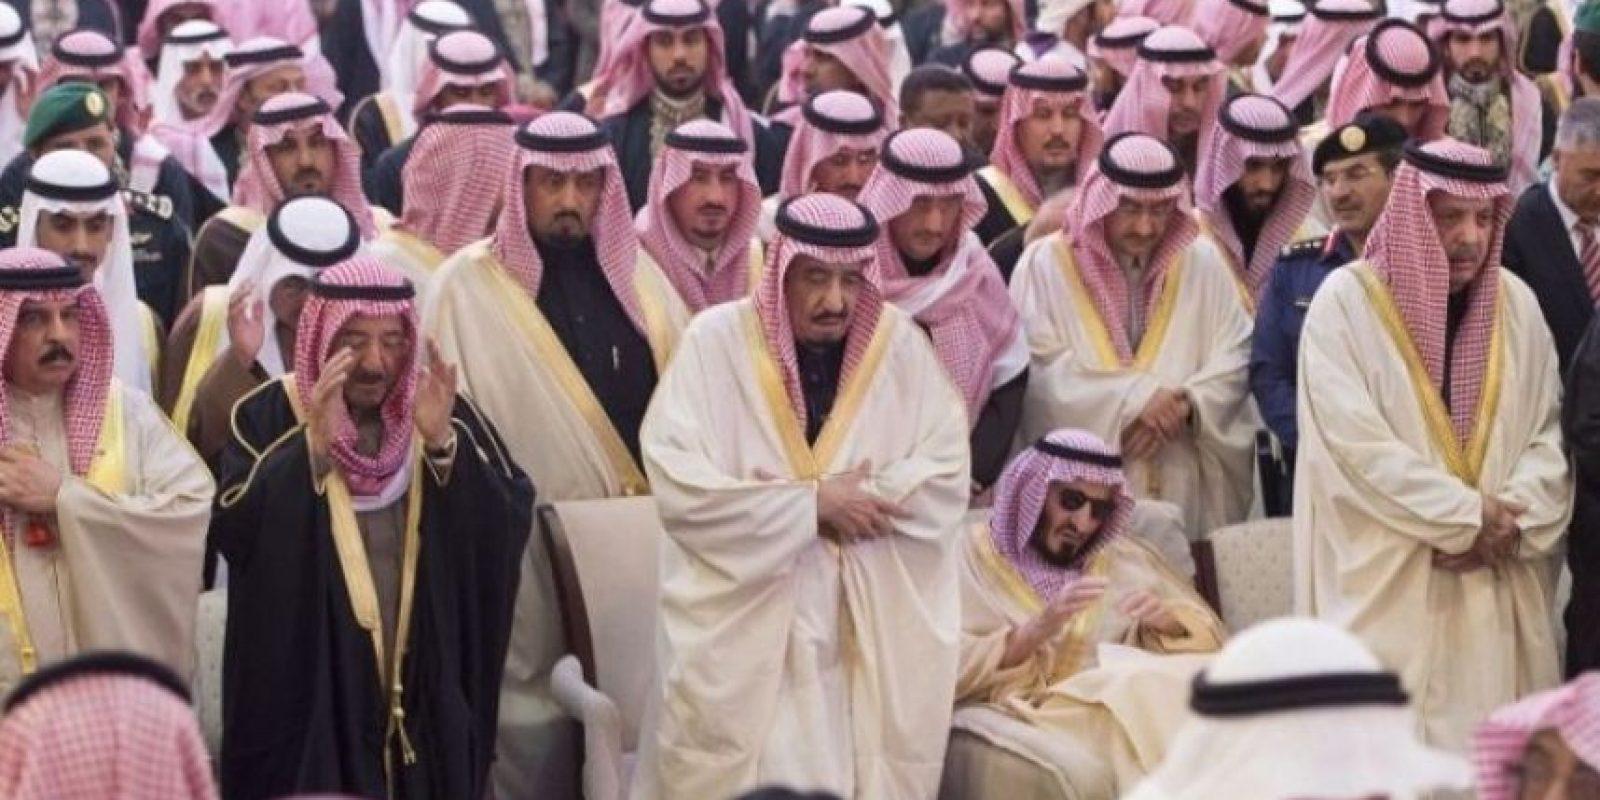 De acuerdo a National Geographic, Arabia Saudita tiene cerca del 25% de las reservas mundiales. Foto:AFP